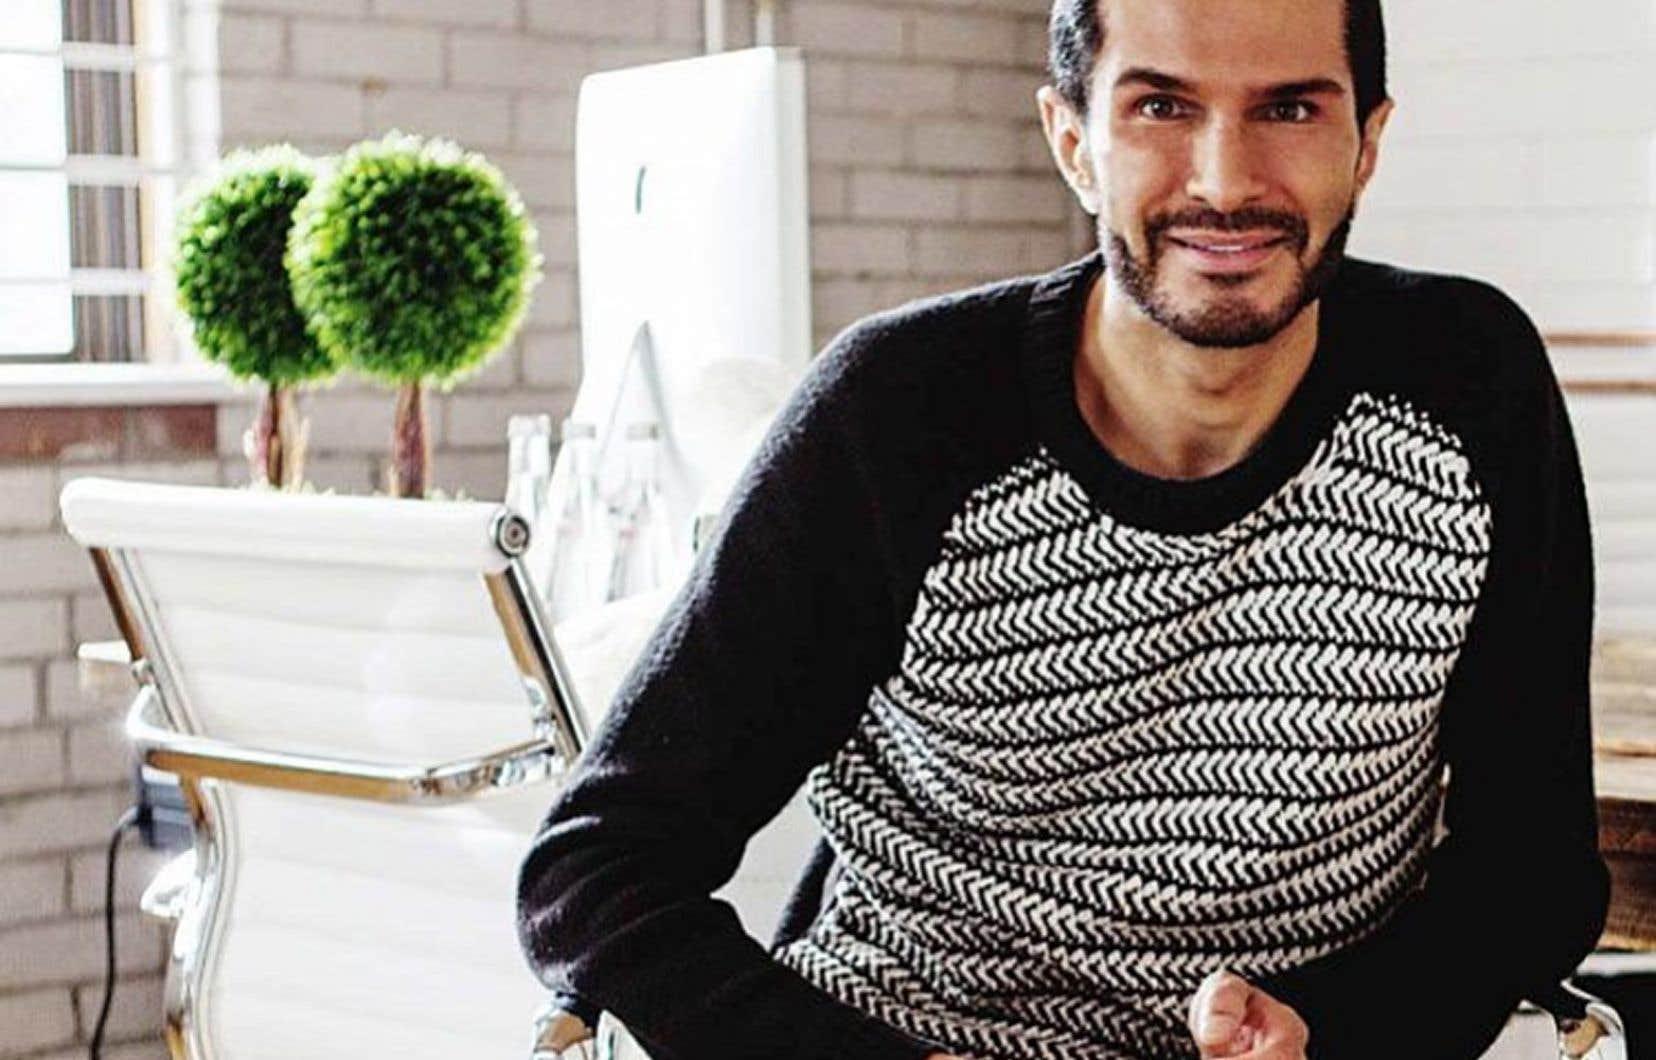 M.Truaxe, né Ali Roshan, en Iran, a fondé Deciem en 2013 en la qualifiant de «société de beauté anormale».